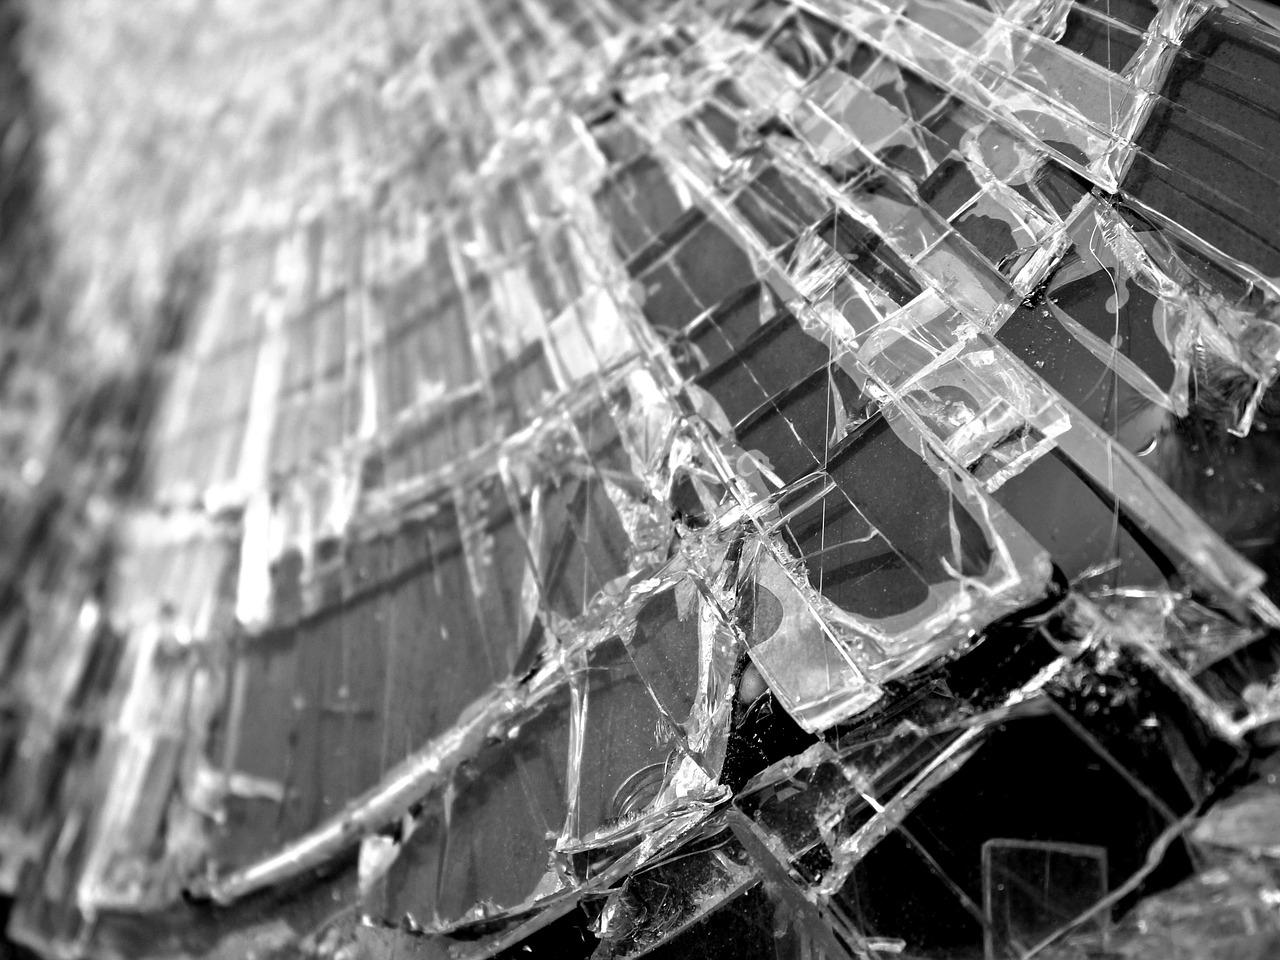 В Новочеркасске возбудили уголовное дело по факту ДТП с пятью погибшими